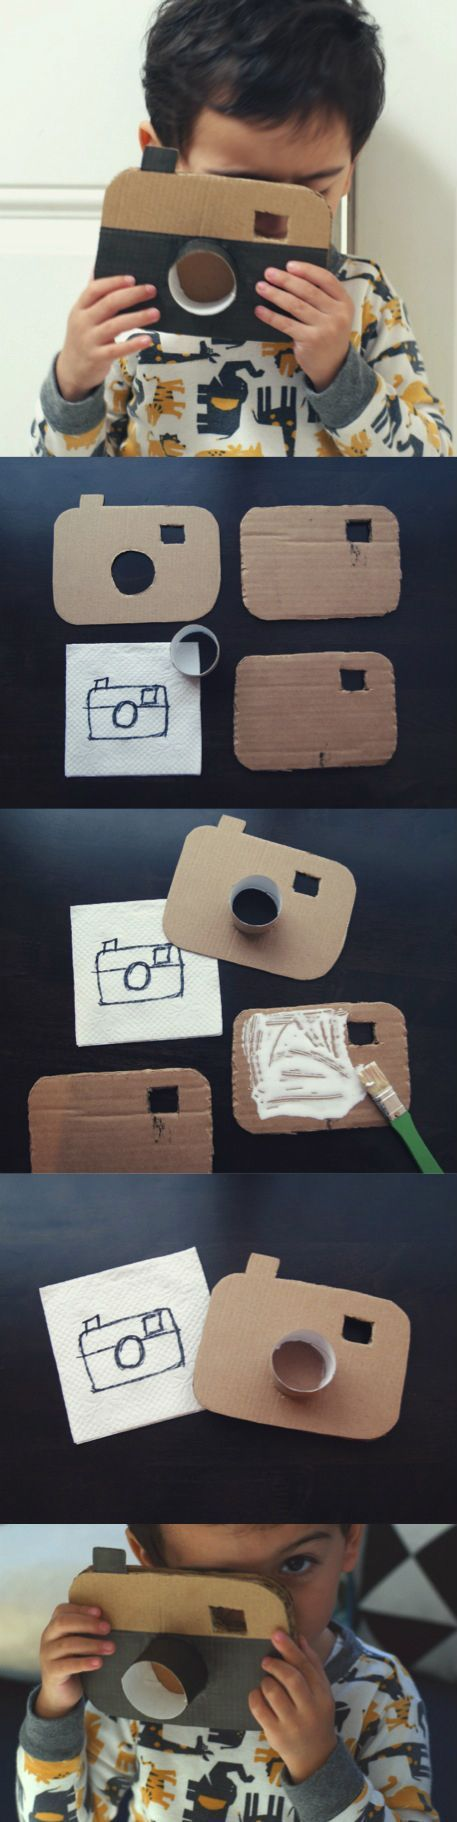 Cartón DiyCómo Camera Una De Cardboard Hacer Juguete Cámara Con nOkwP8X0